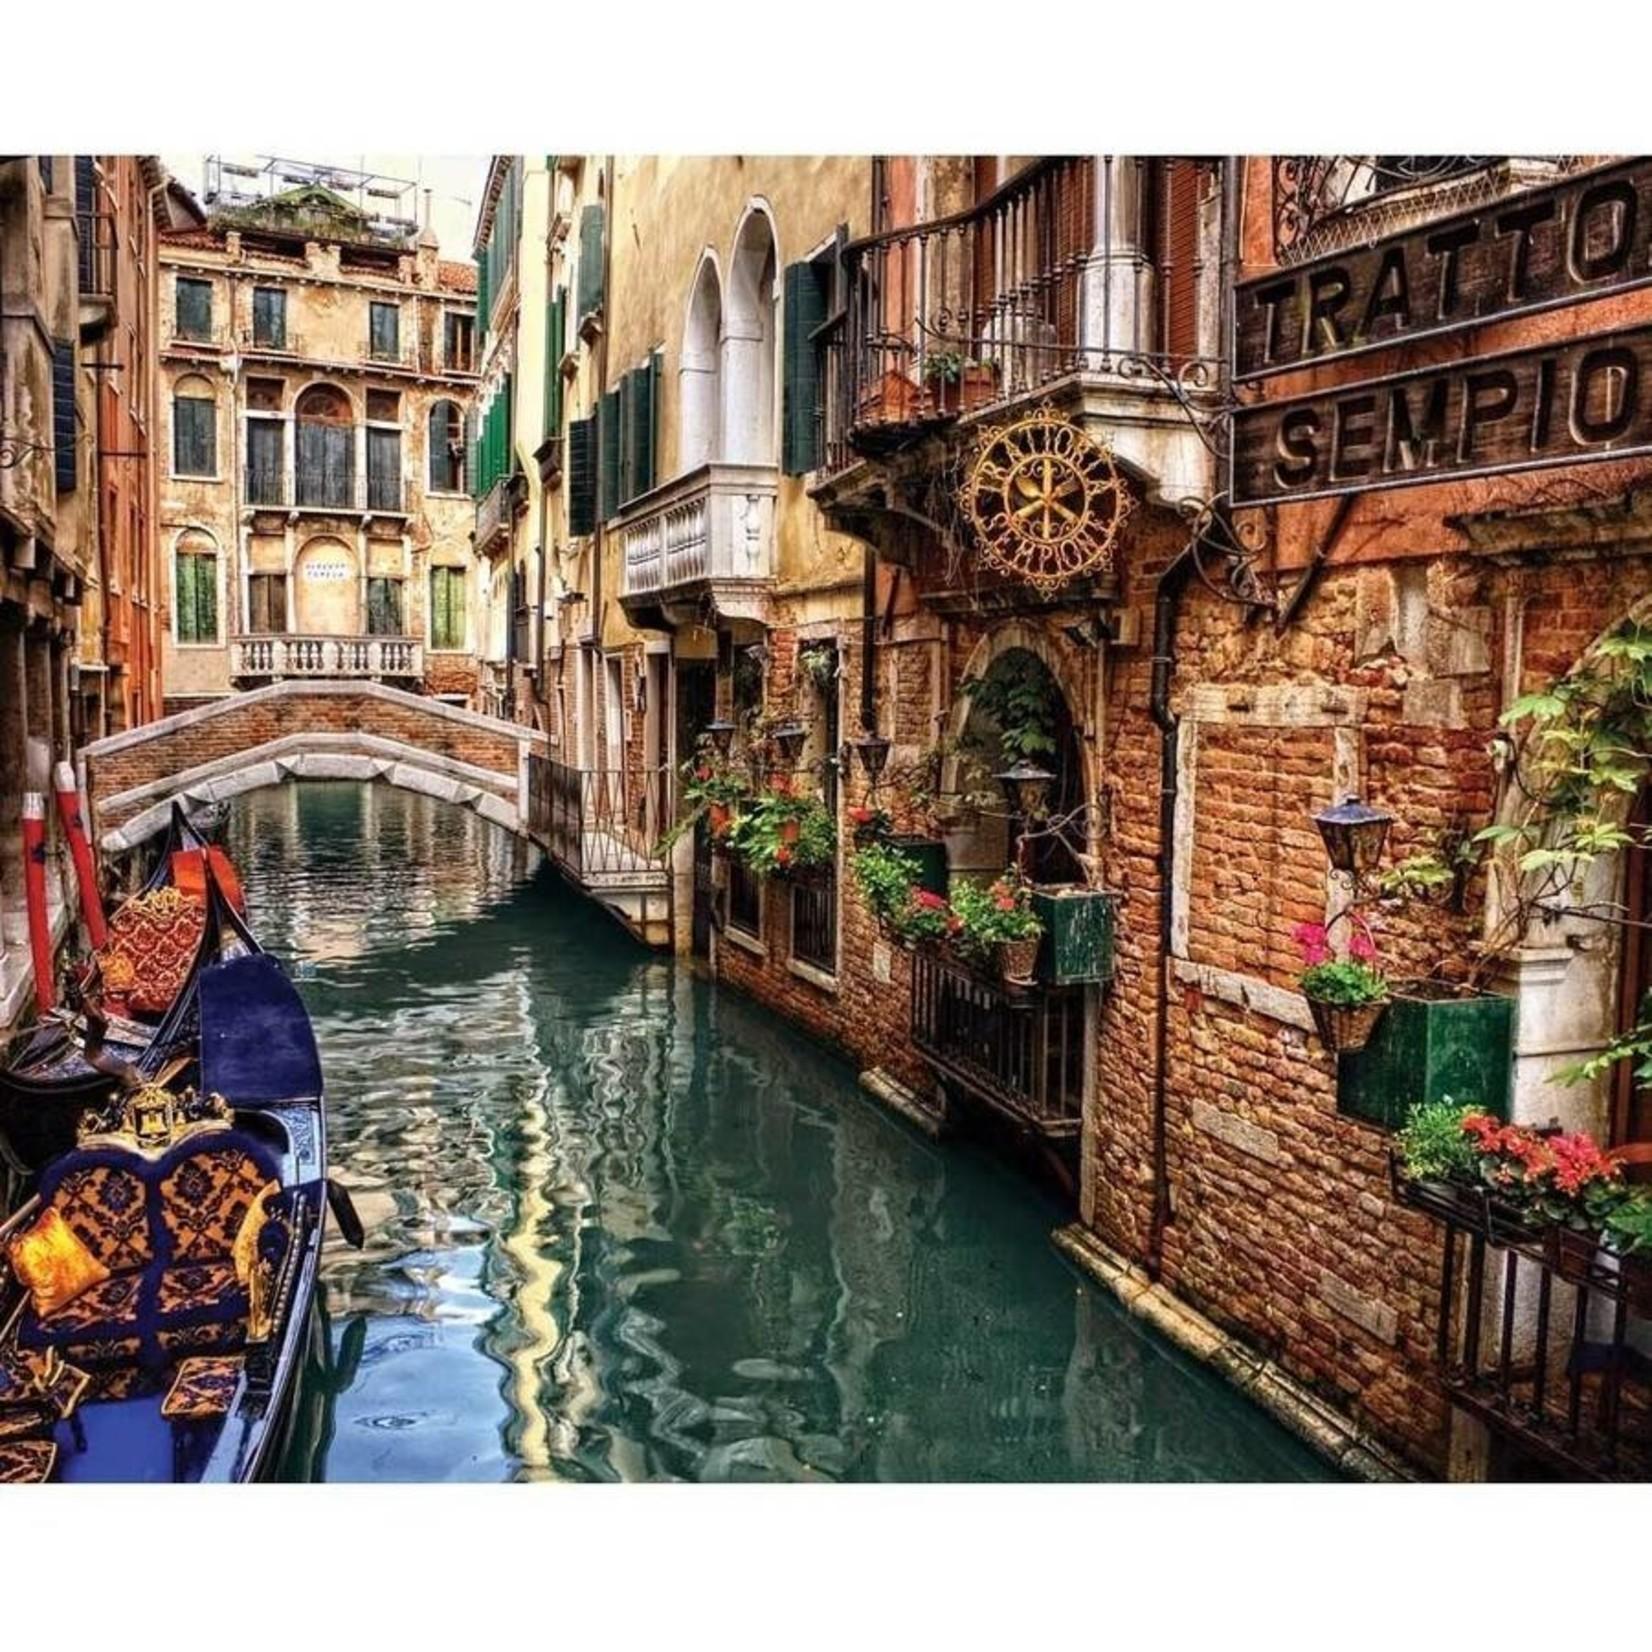 Sempione Italy 1000 Piece Puzzle